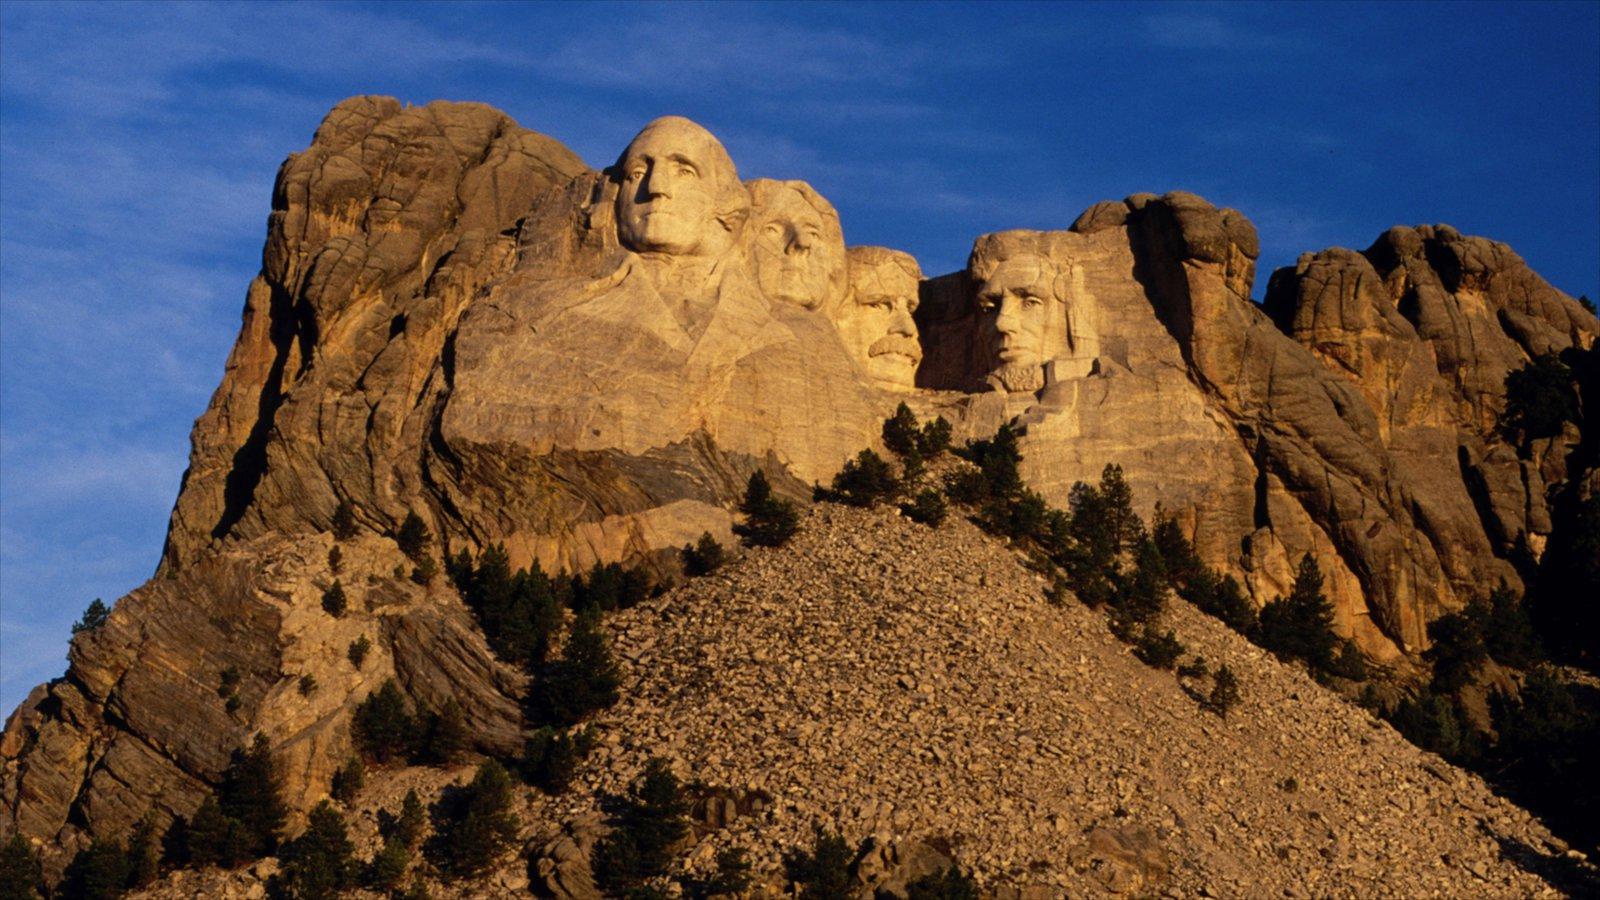 Rapid City caracterizando montanhas e um monumento